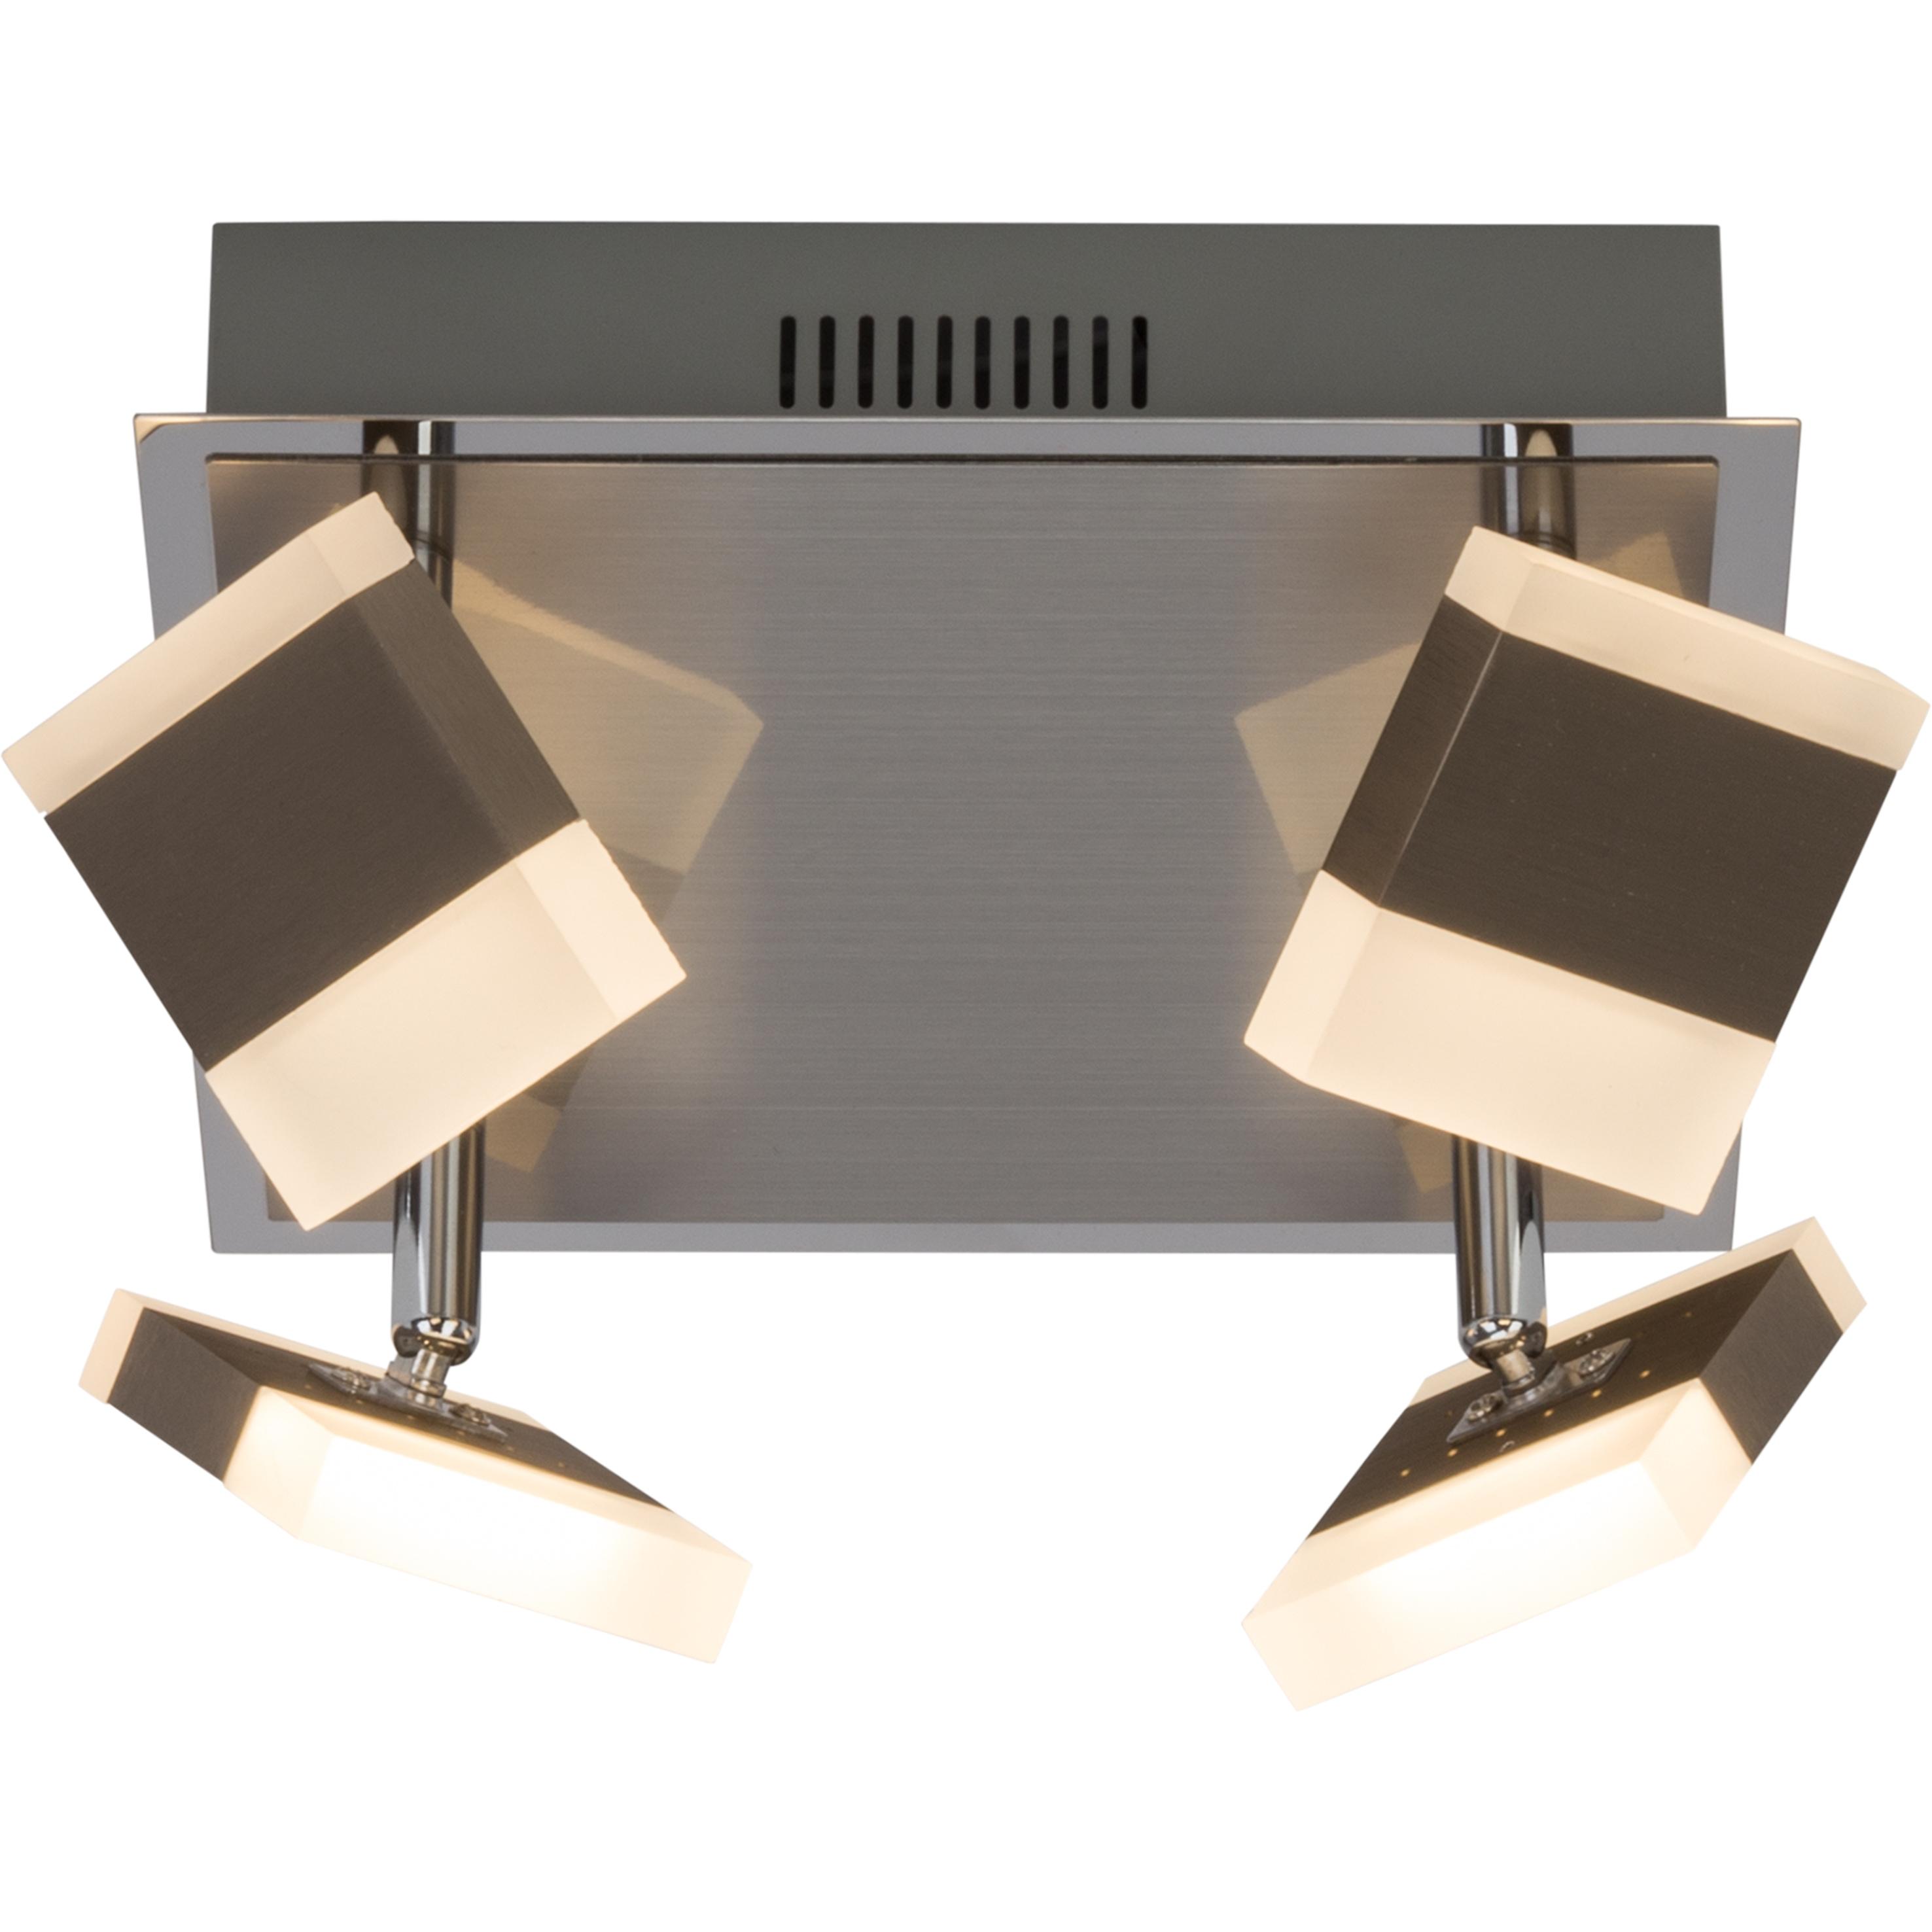 Brilliant Leuchten Target LED Spotplatte 4flg nickel/chrom